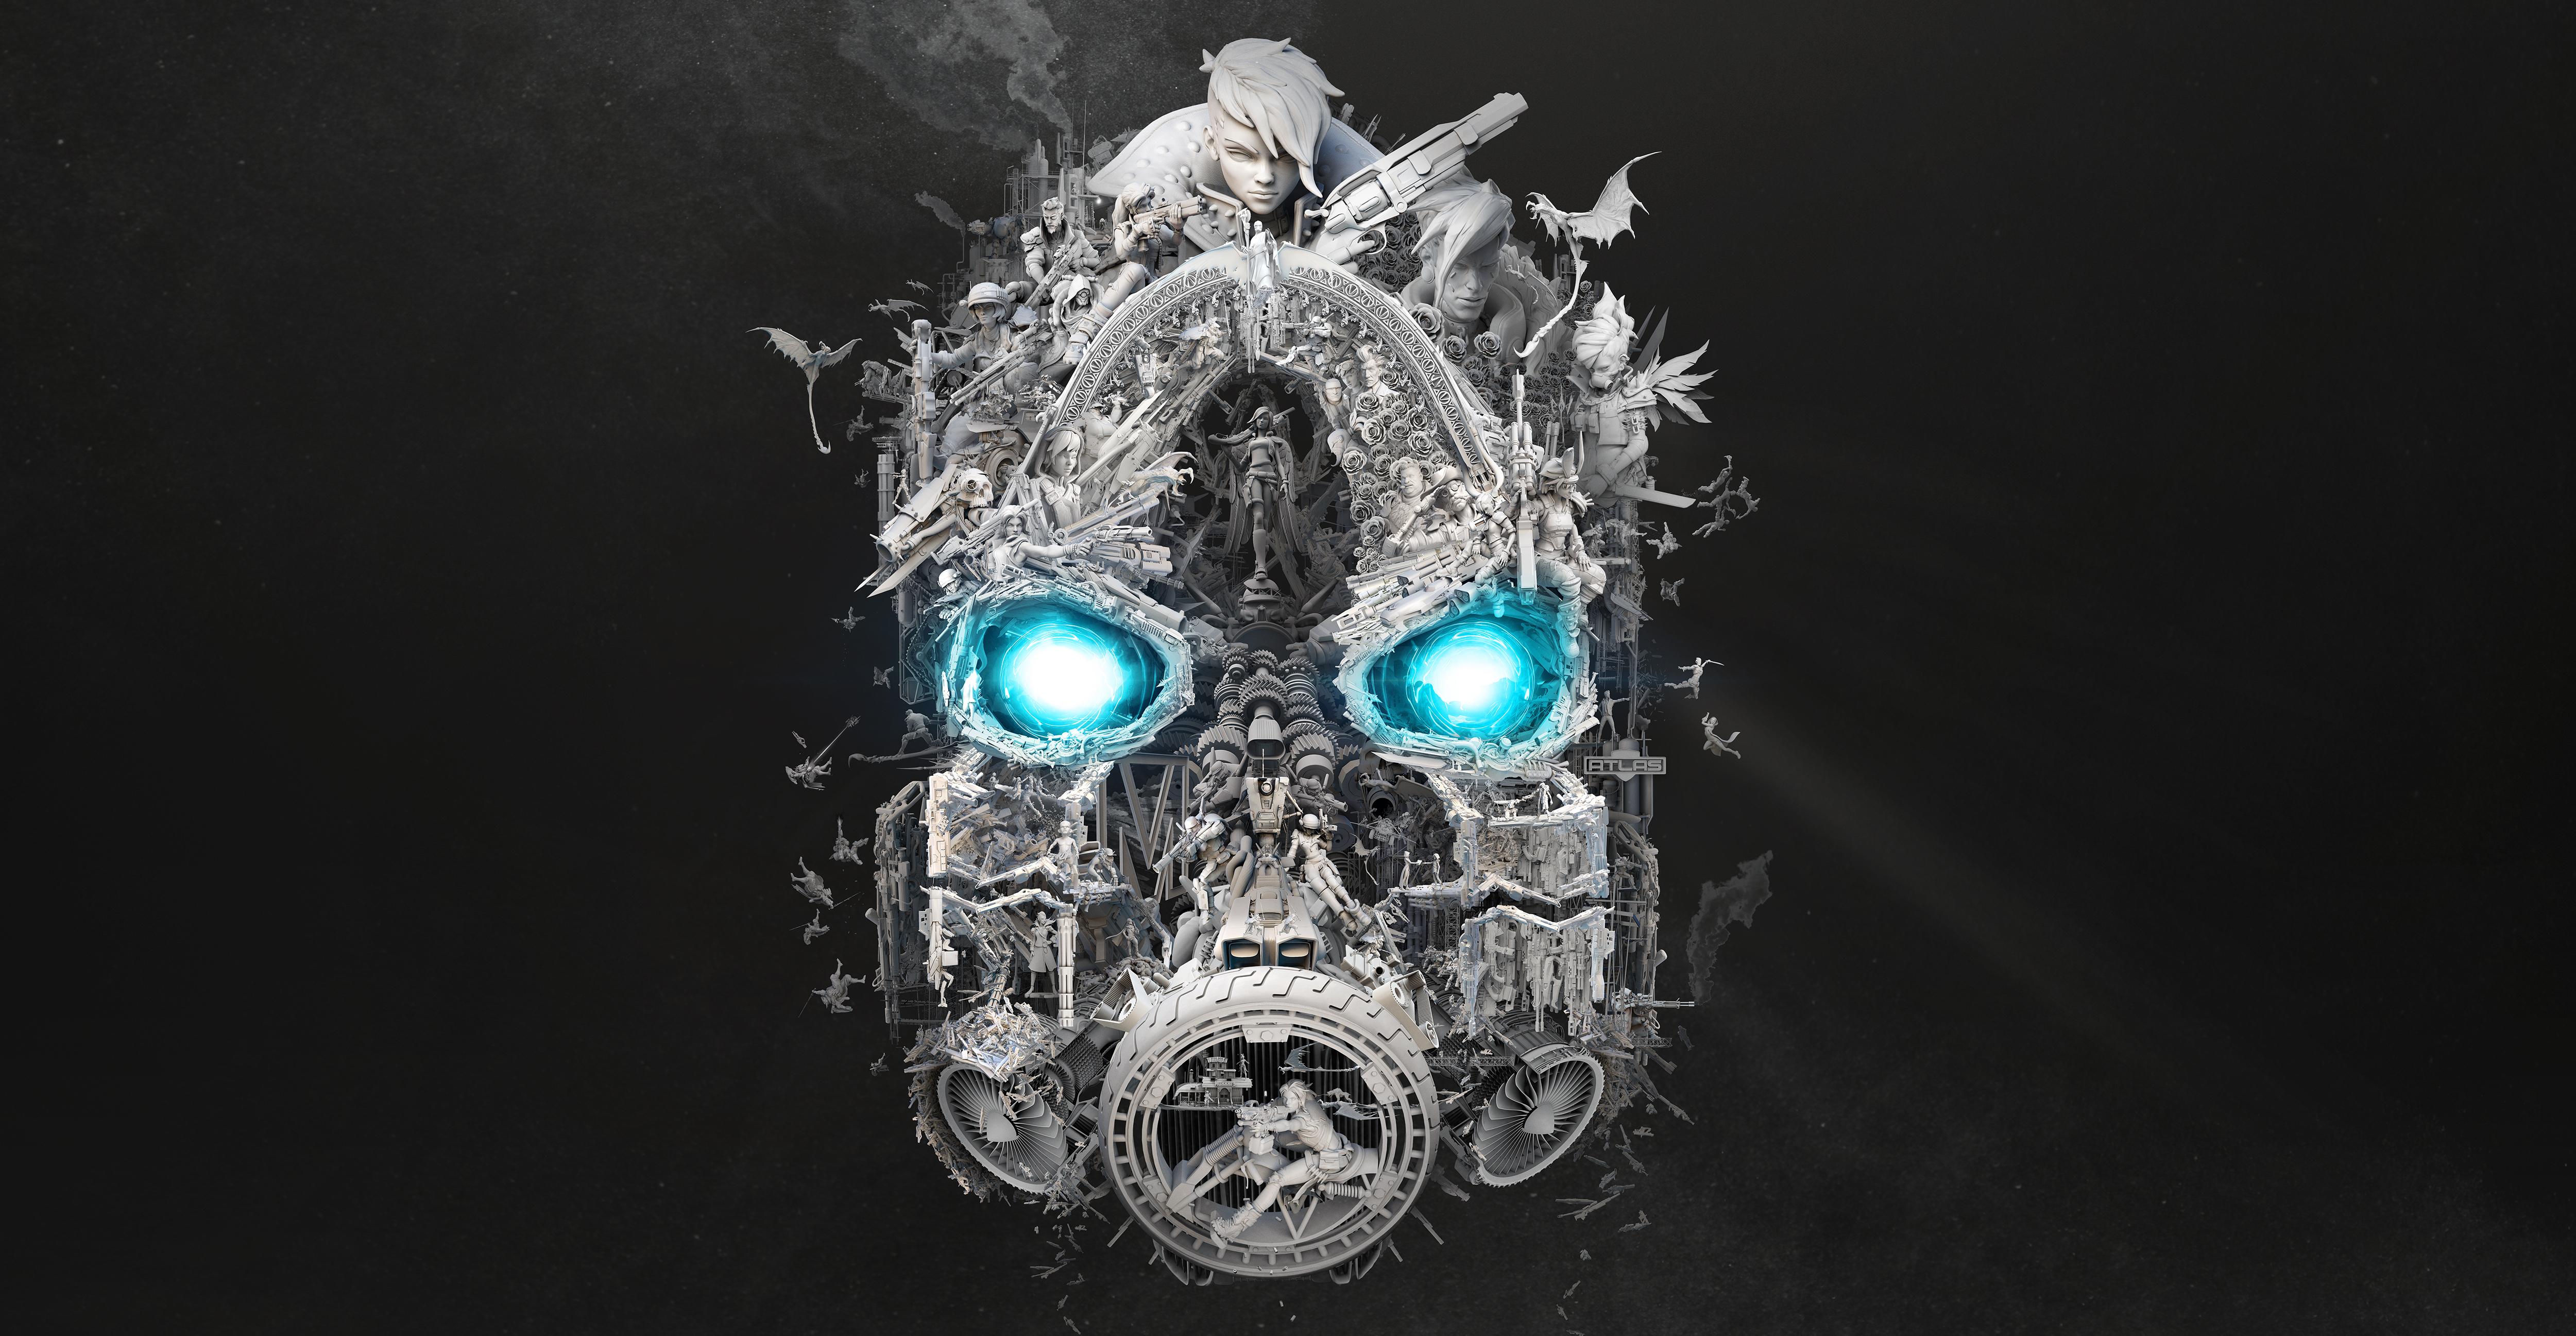 Borderlands 3 Mask of Mayhem 4k Ultra HD Wallpaper ...